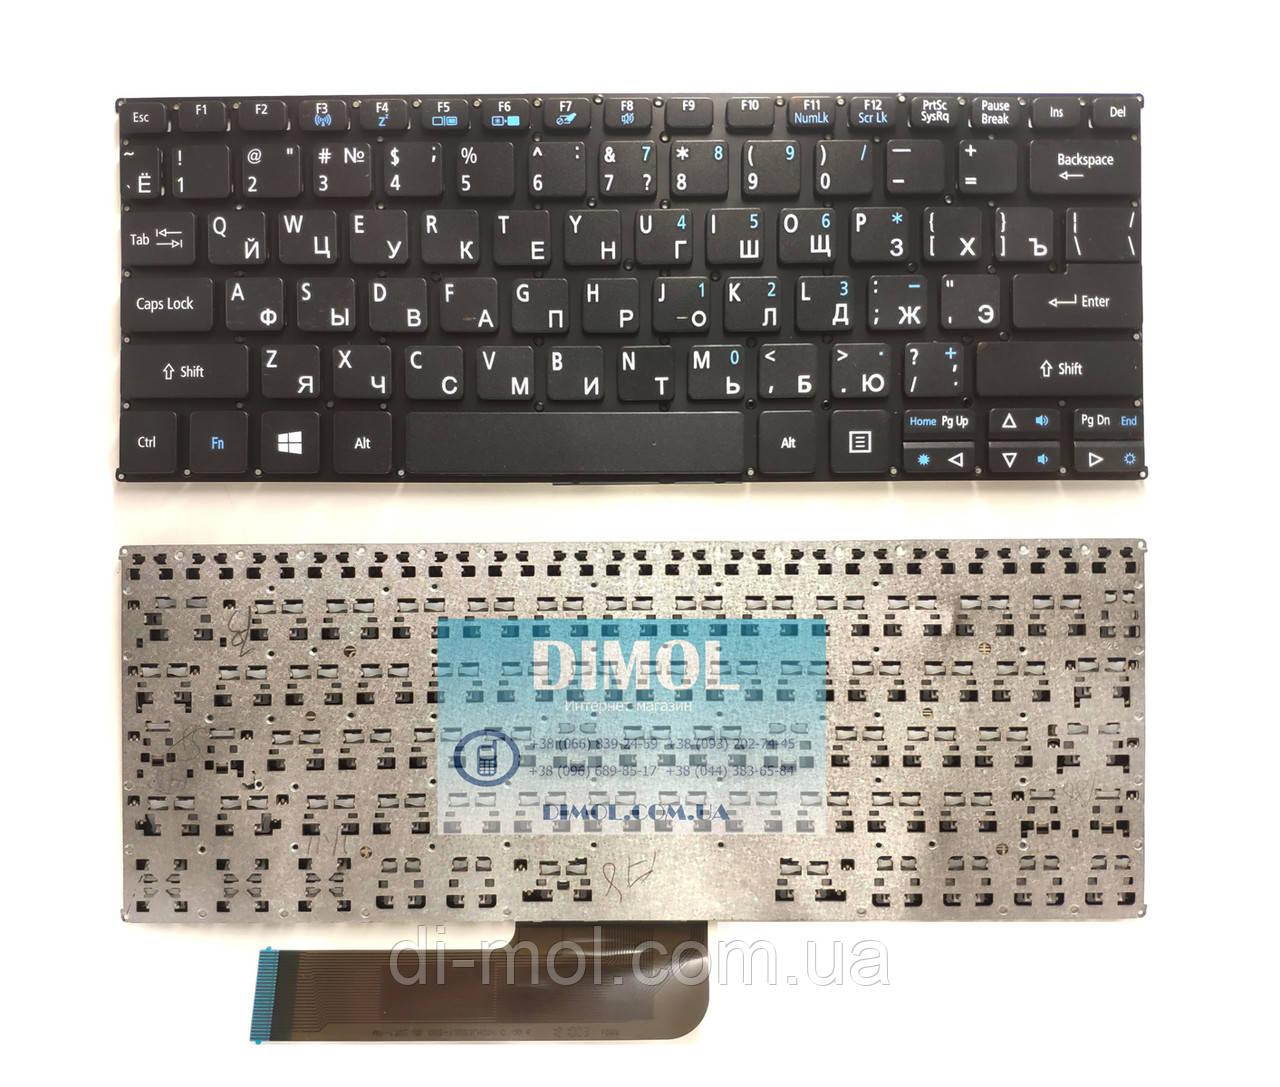 Оригинальная клавиатура для ноутбука Acer SW5 Switch 10 SW3 series, black, ru